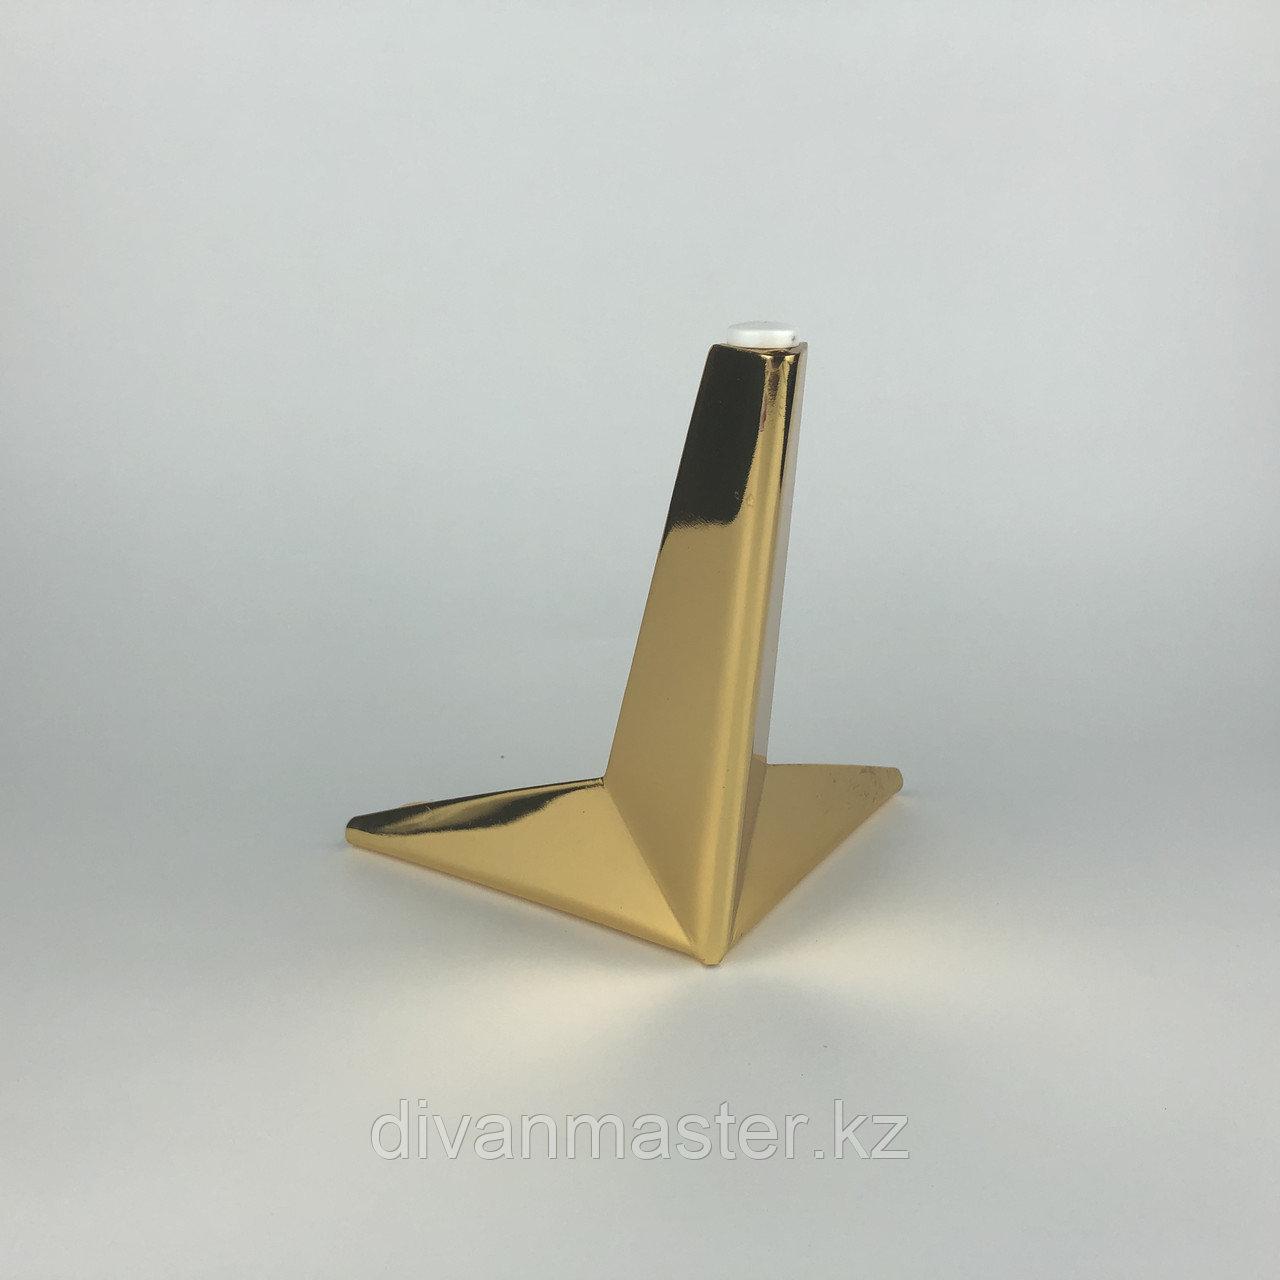 Ножка стальная с наклоном, для диванов и кресел 17, золото